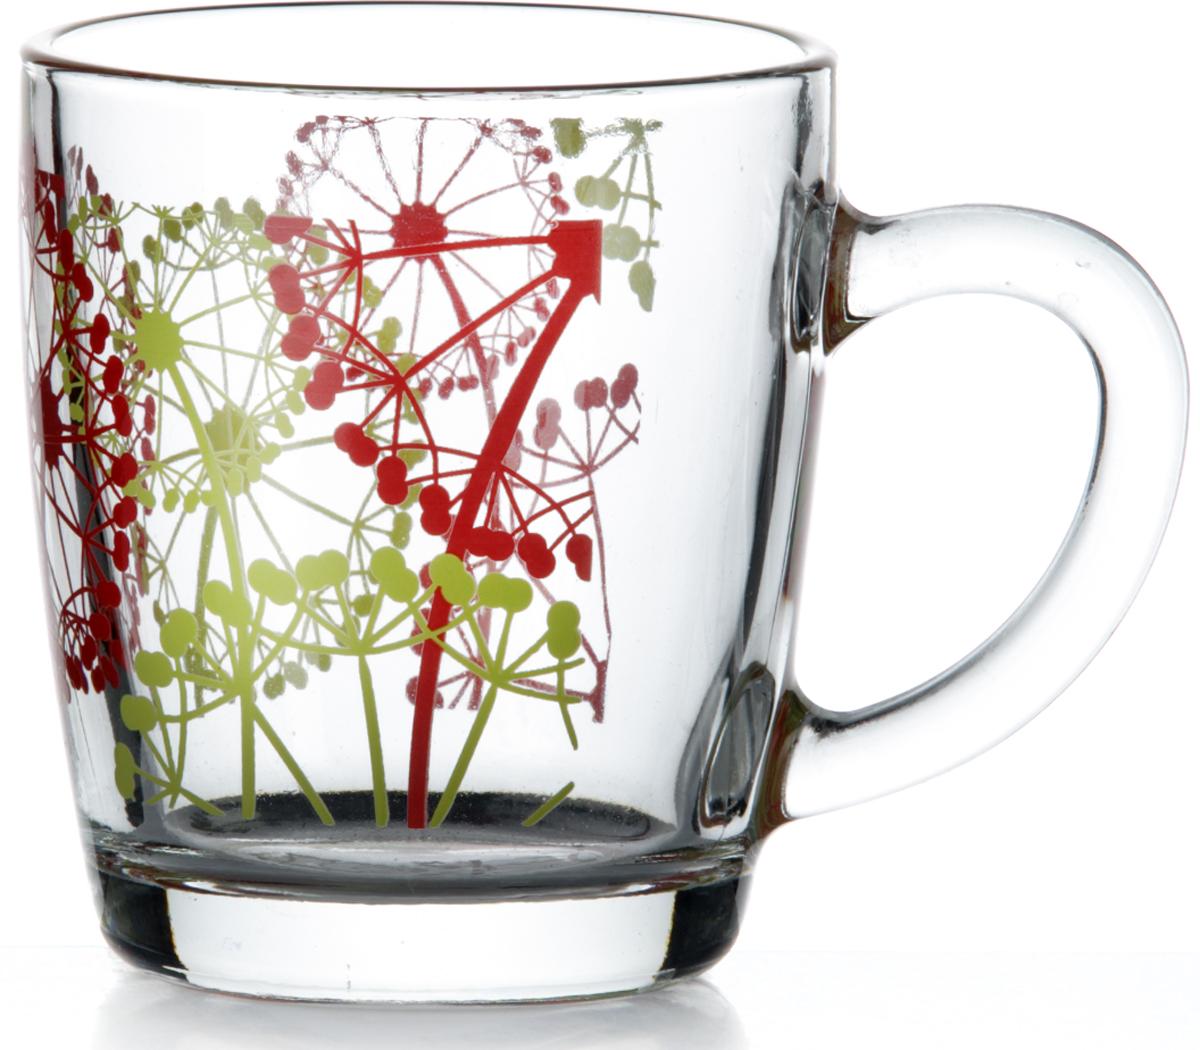 Кружка Pasabahce Фазенда, 350 мл55531SLBD8Кружка Pasabahce Фазенда изготовлена из прозрачного стекла и украшена красивым рисунком. Изделие идеально подходит для сервировки стола.